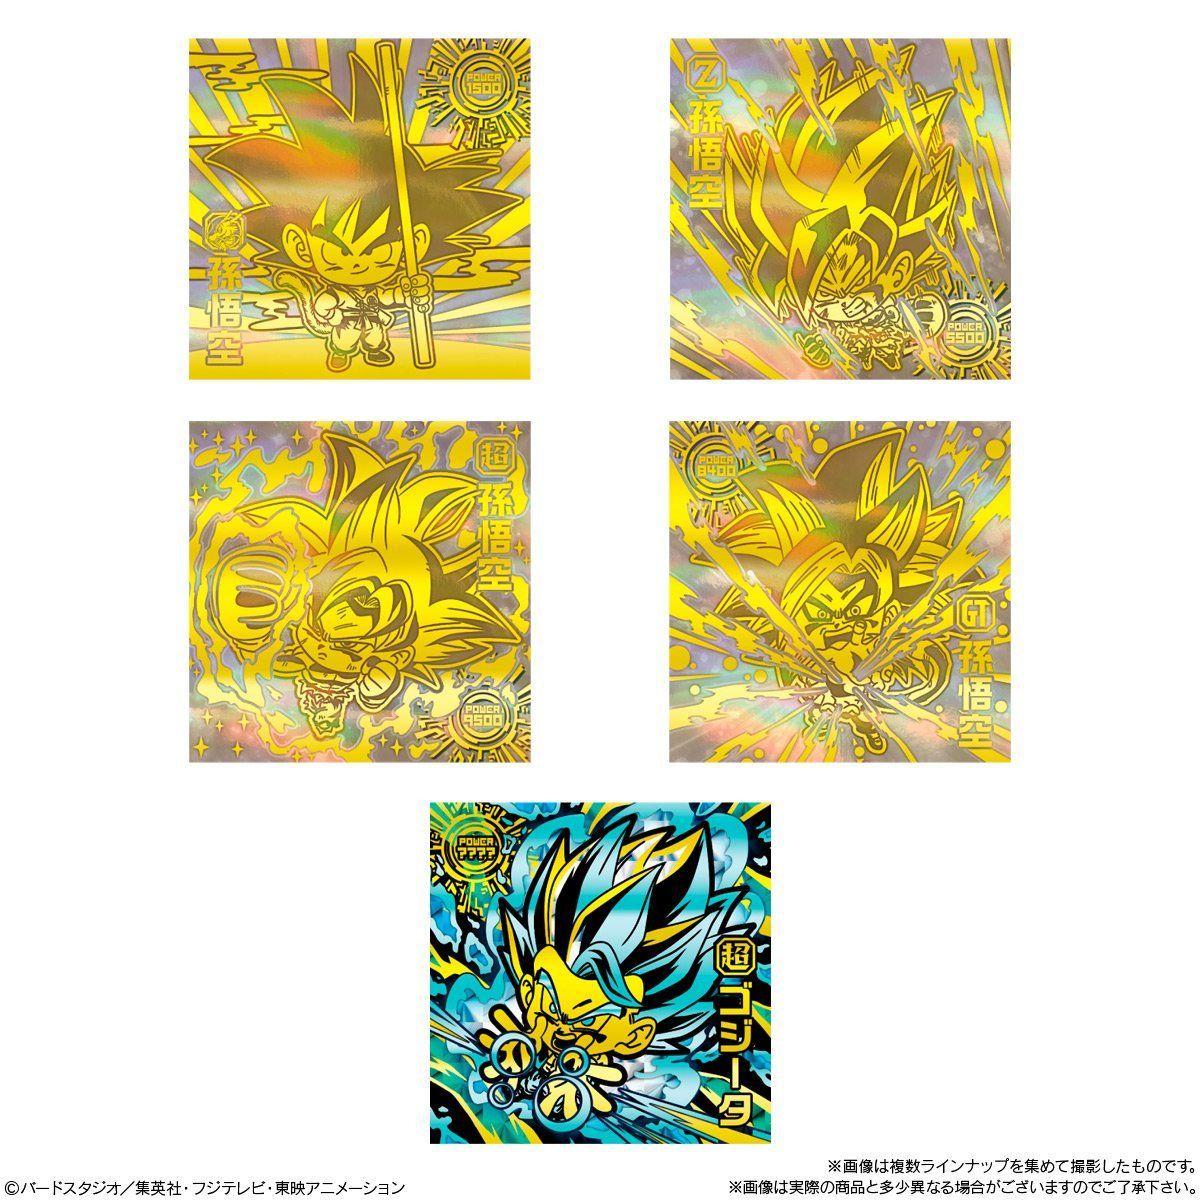 【食玩】ドラゴンボール『超戦士シールウエハース超』20個入りBOX-008